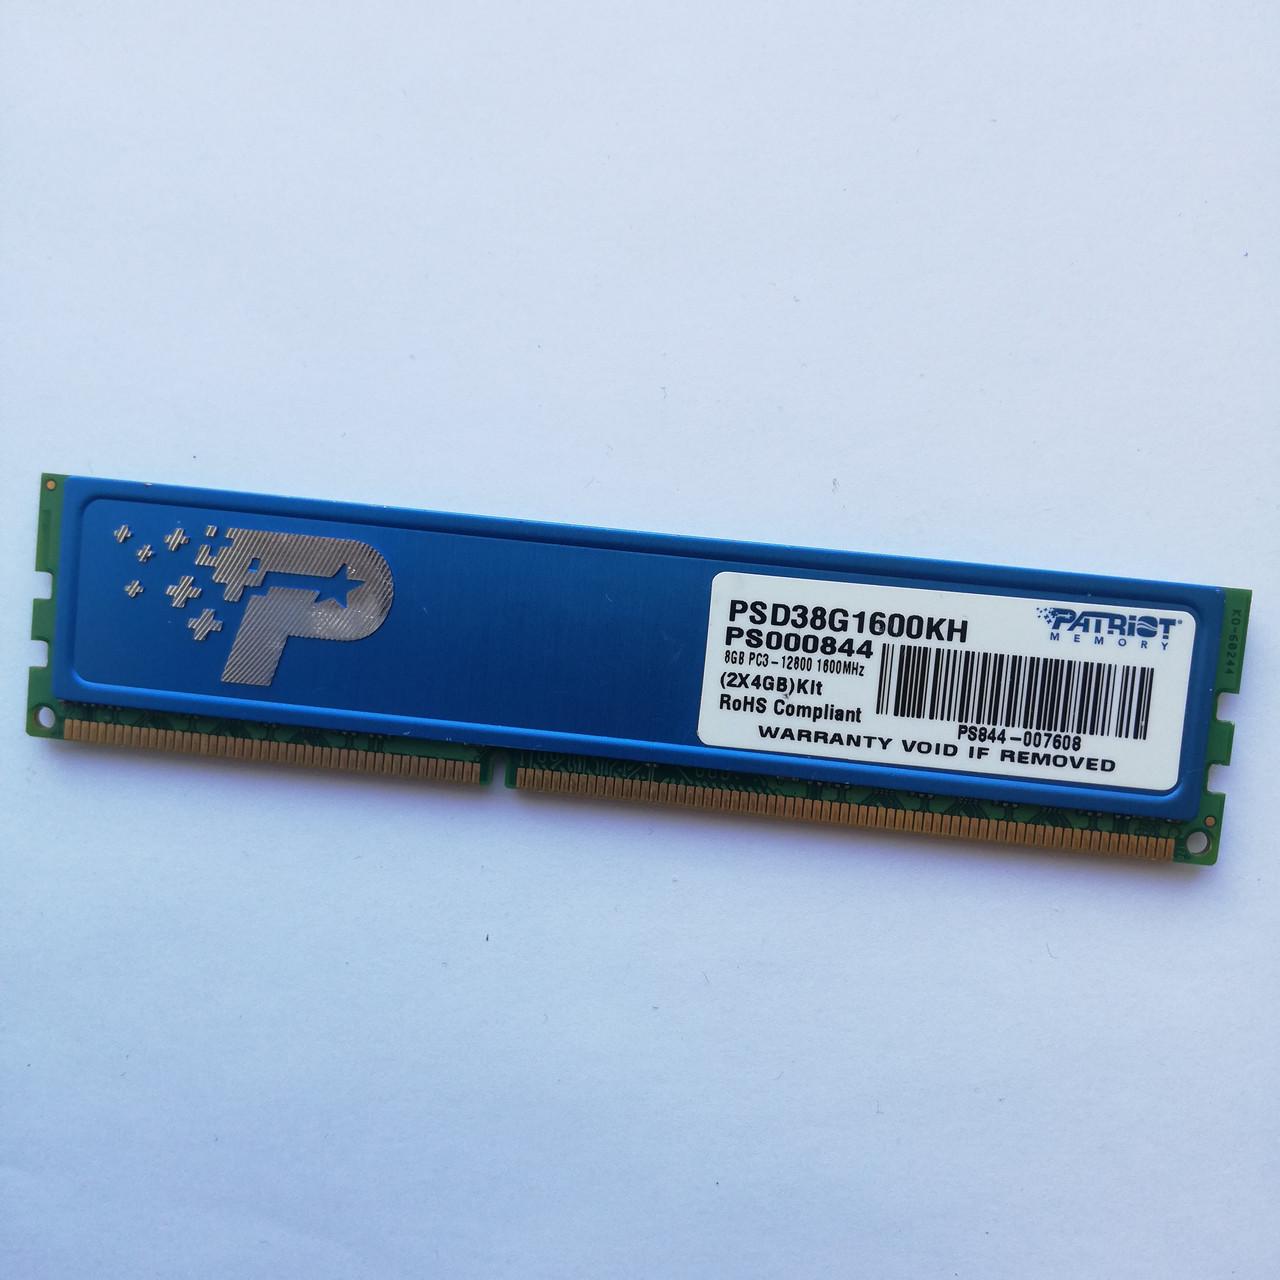 Игровая оперативная память Patriot DDR3 4Gb 1600MHz PC3 12800U 2R8 CL11 (PSD38G1600KH) Б/У